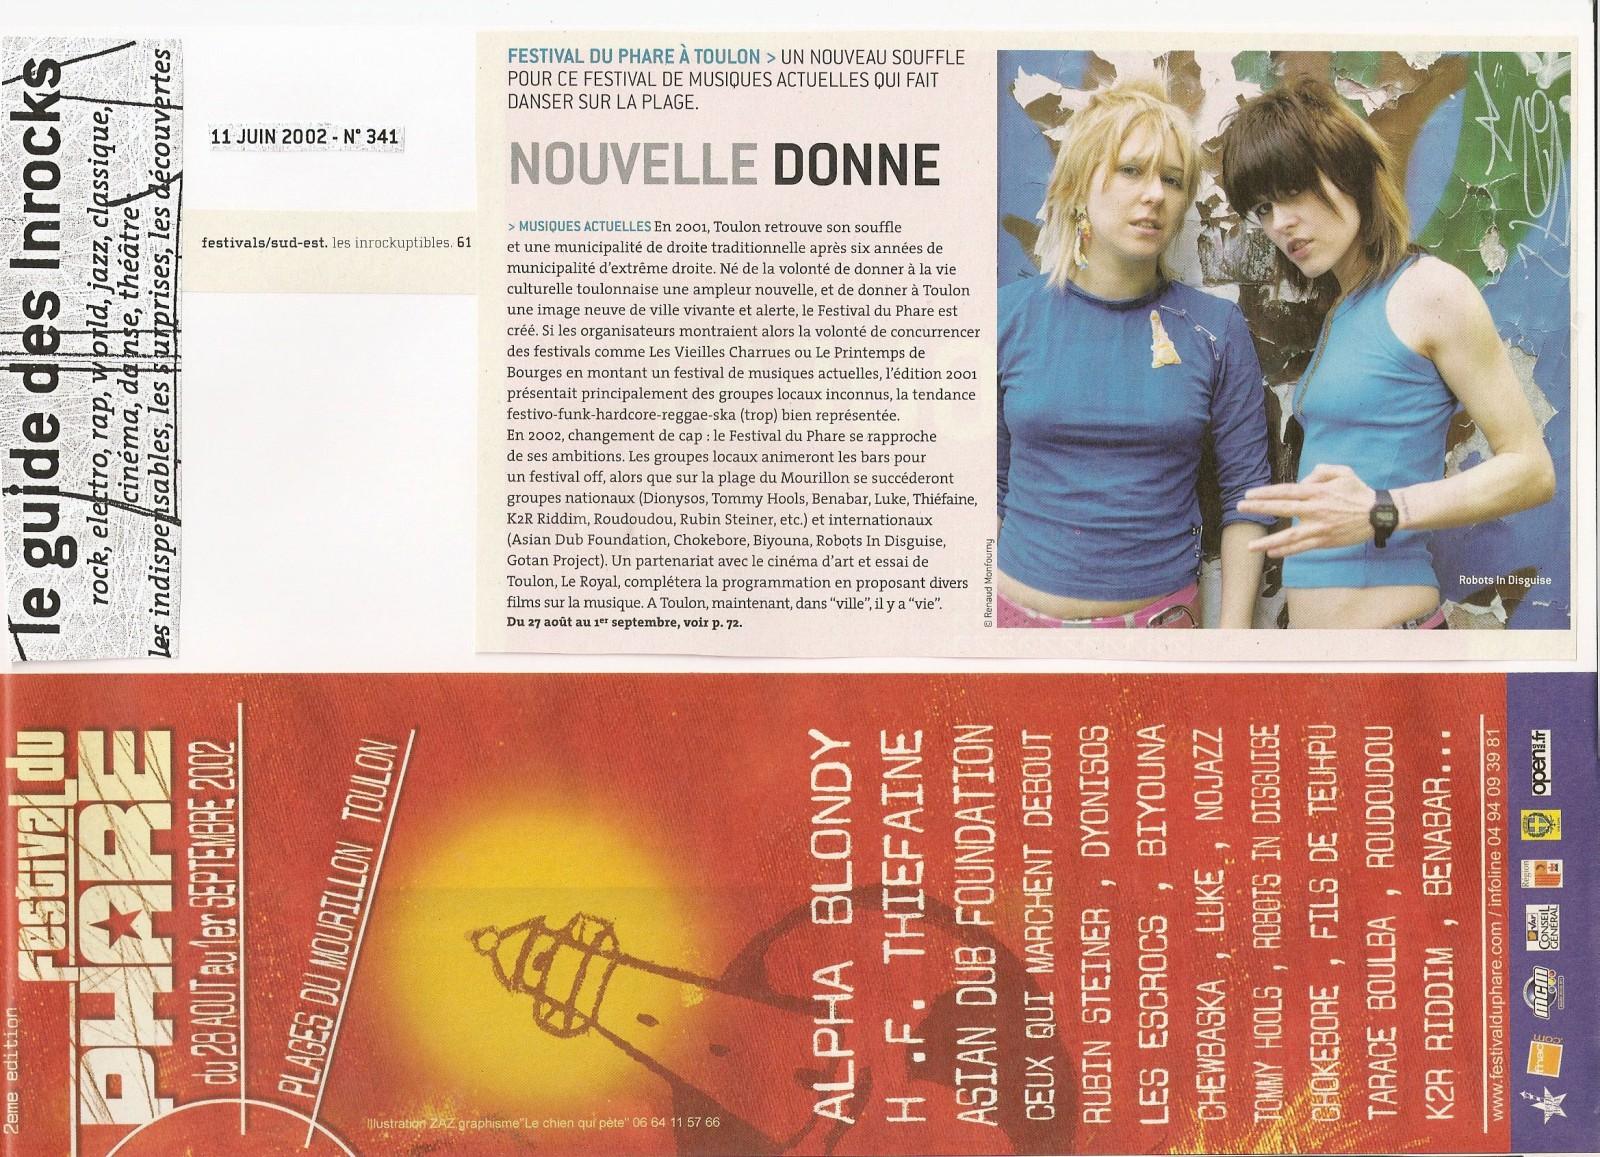 Festival du Phare  | Toulon | 2002 | Revue de presse Festival du Phare  | Toulon | 2002 | Revue de presse les inrockuptibles fetsival du phare 2002 culture digitale